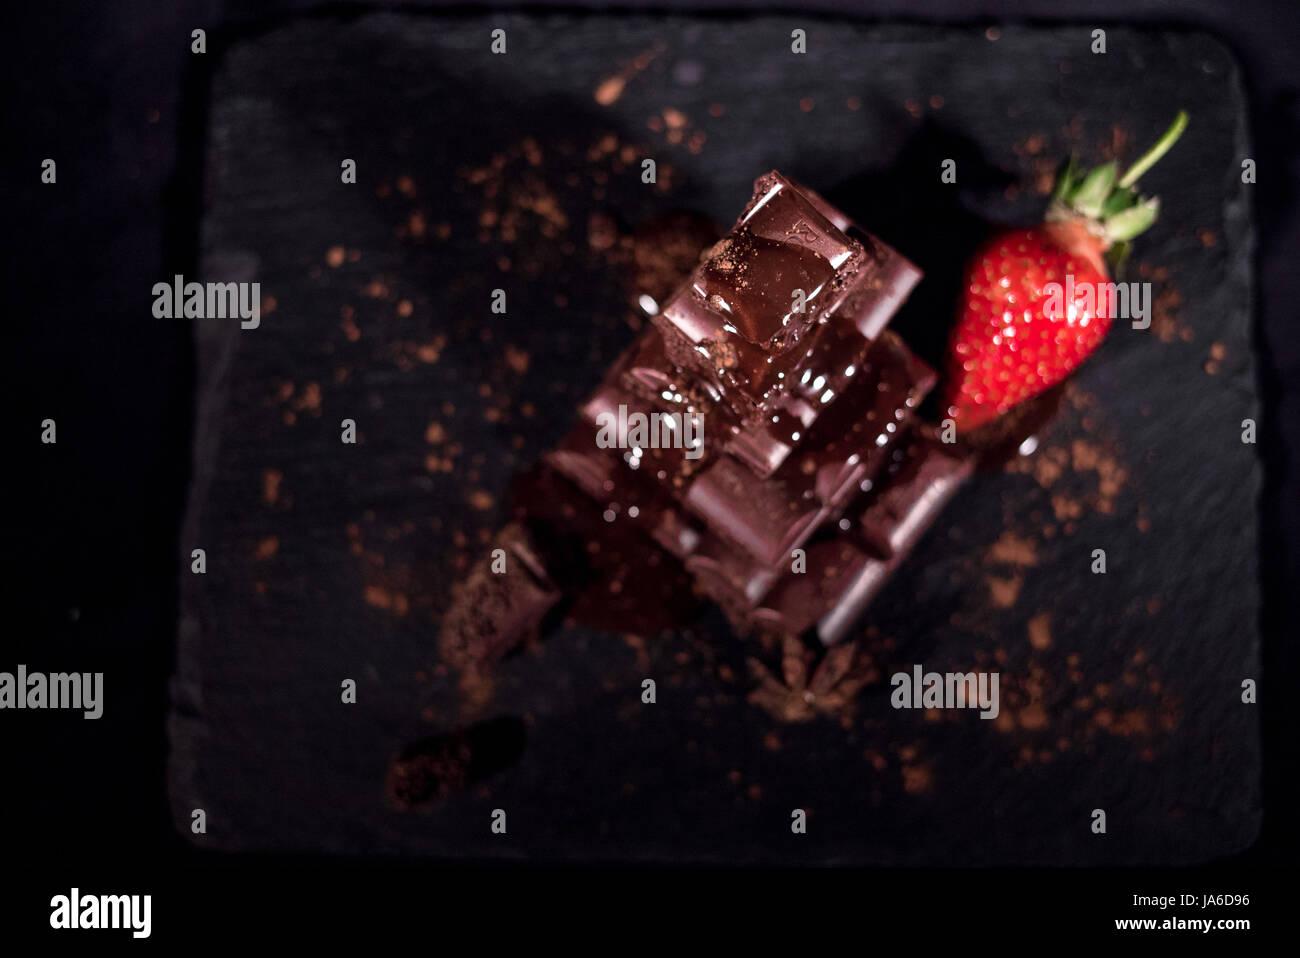 Eine rote Straberry auf eine dunkle Schokolade Stockbild